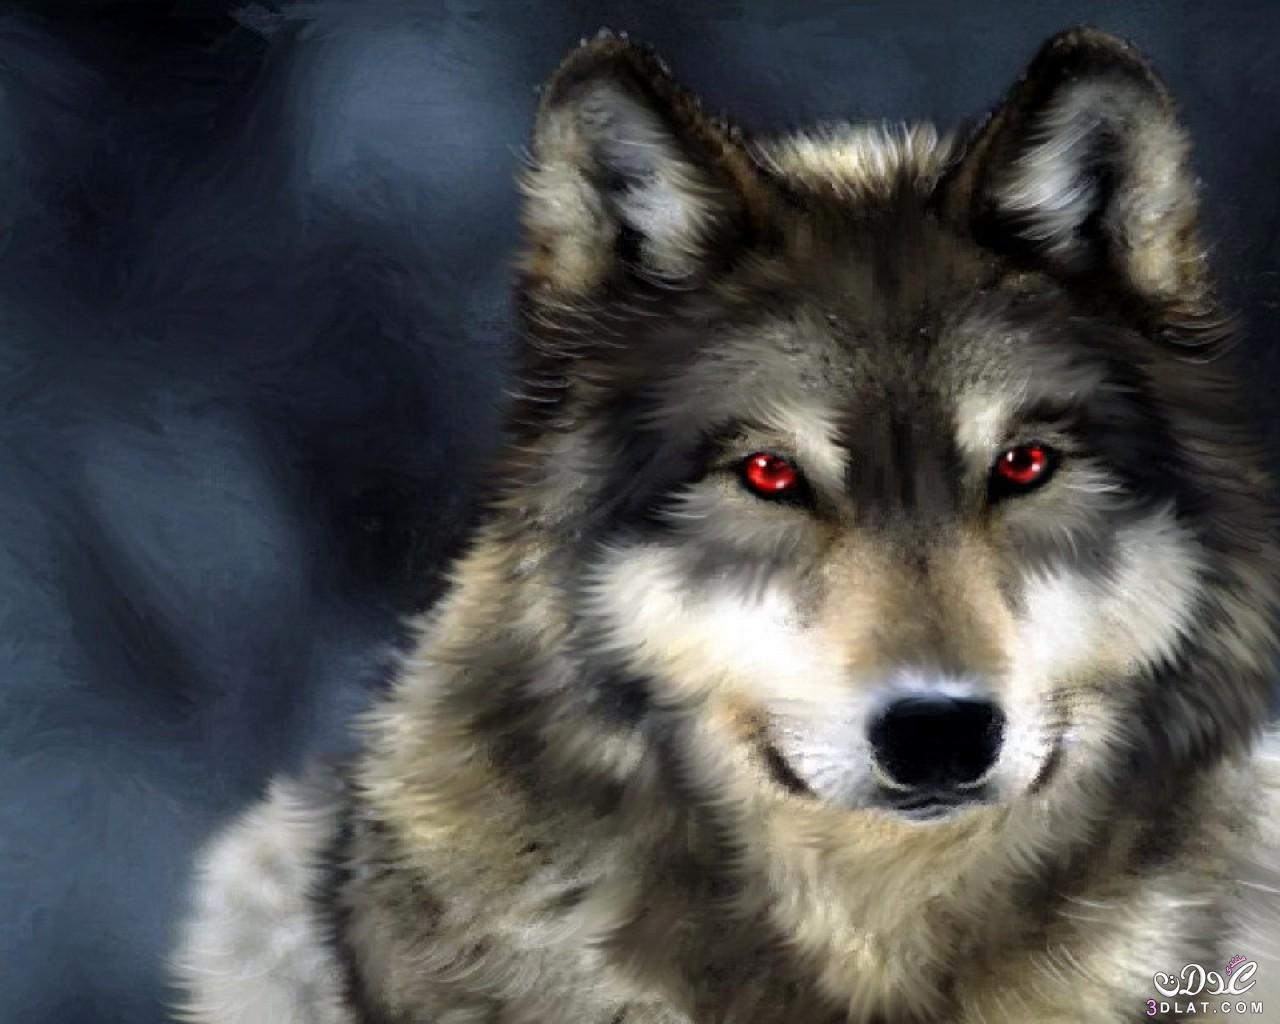 منتدى تفسير الاحلام تفسير رؤية الذئب 3dlat.net_07_15_d962